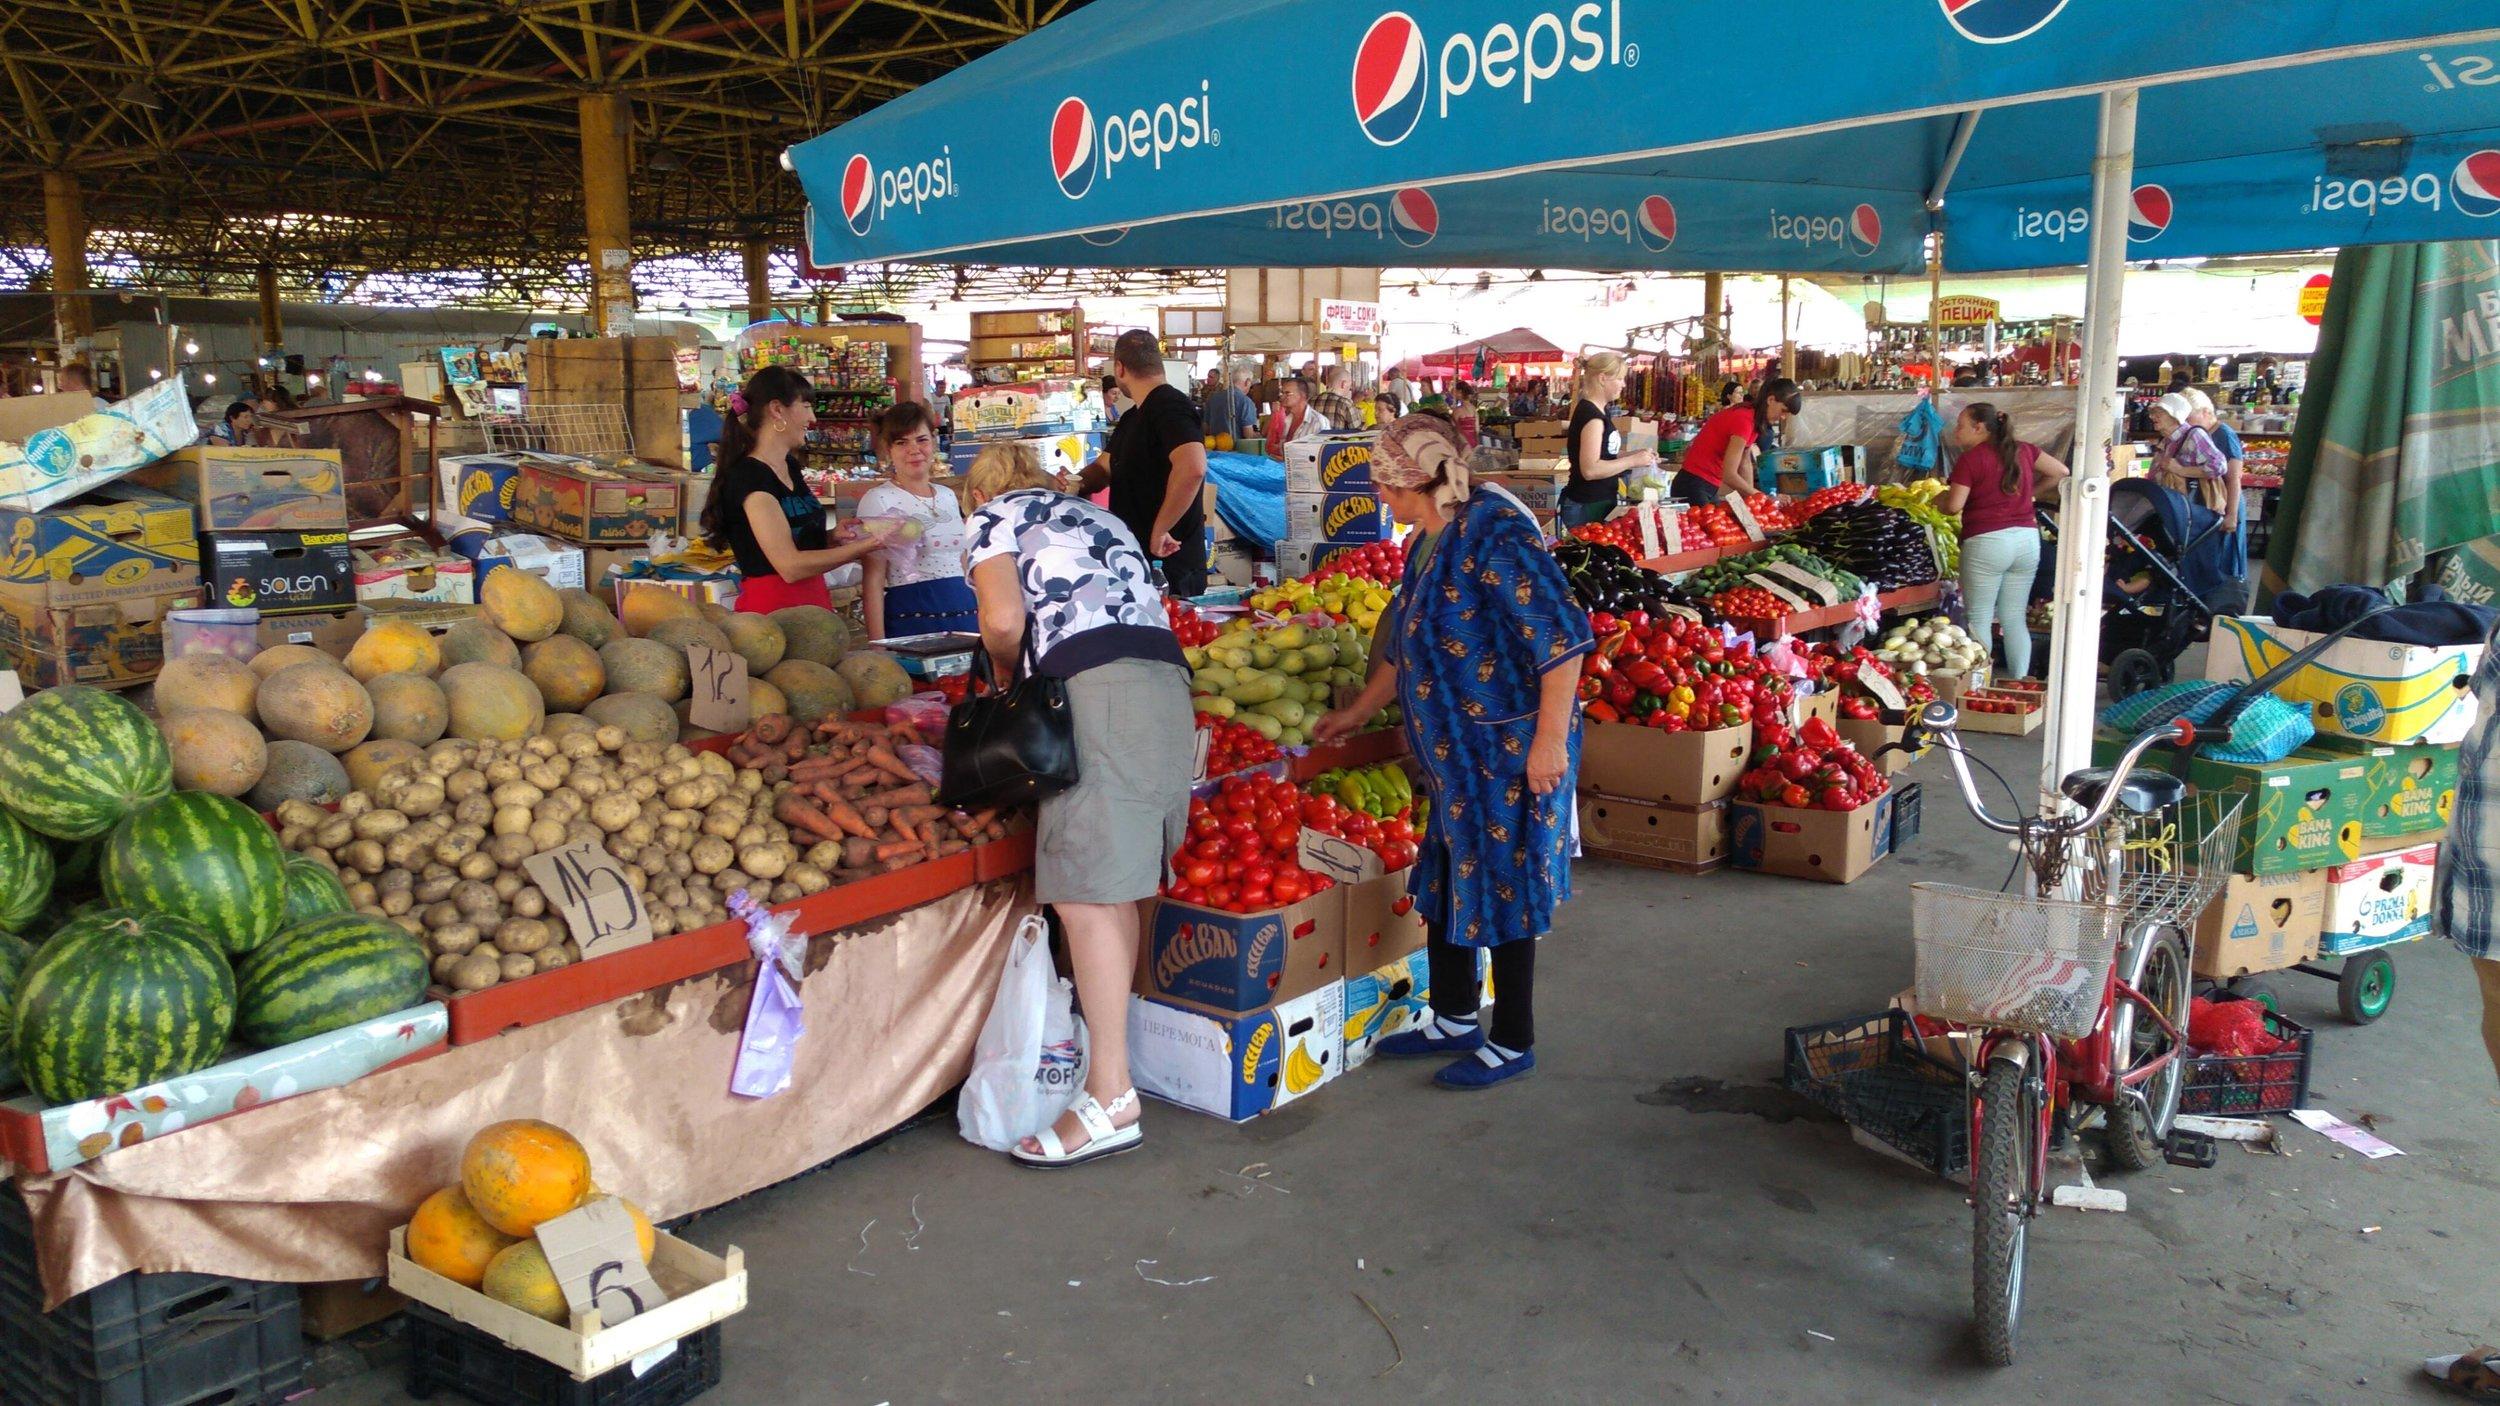 Despite economic problems the local markets are busy